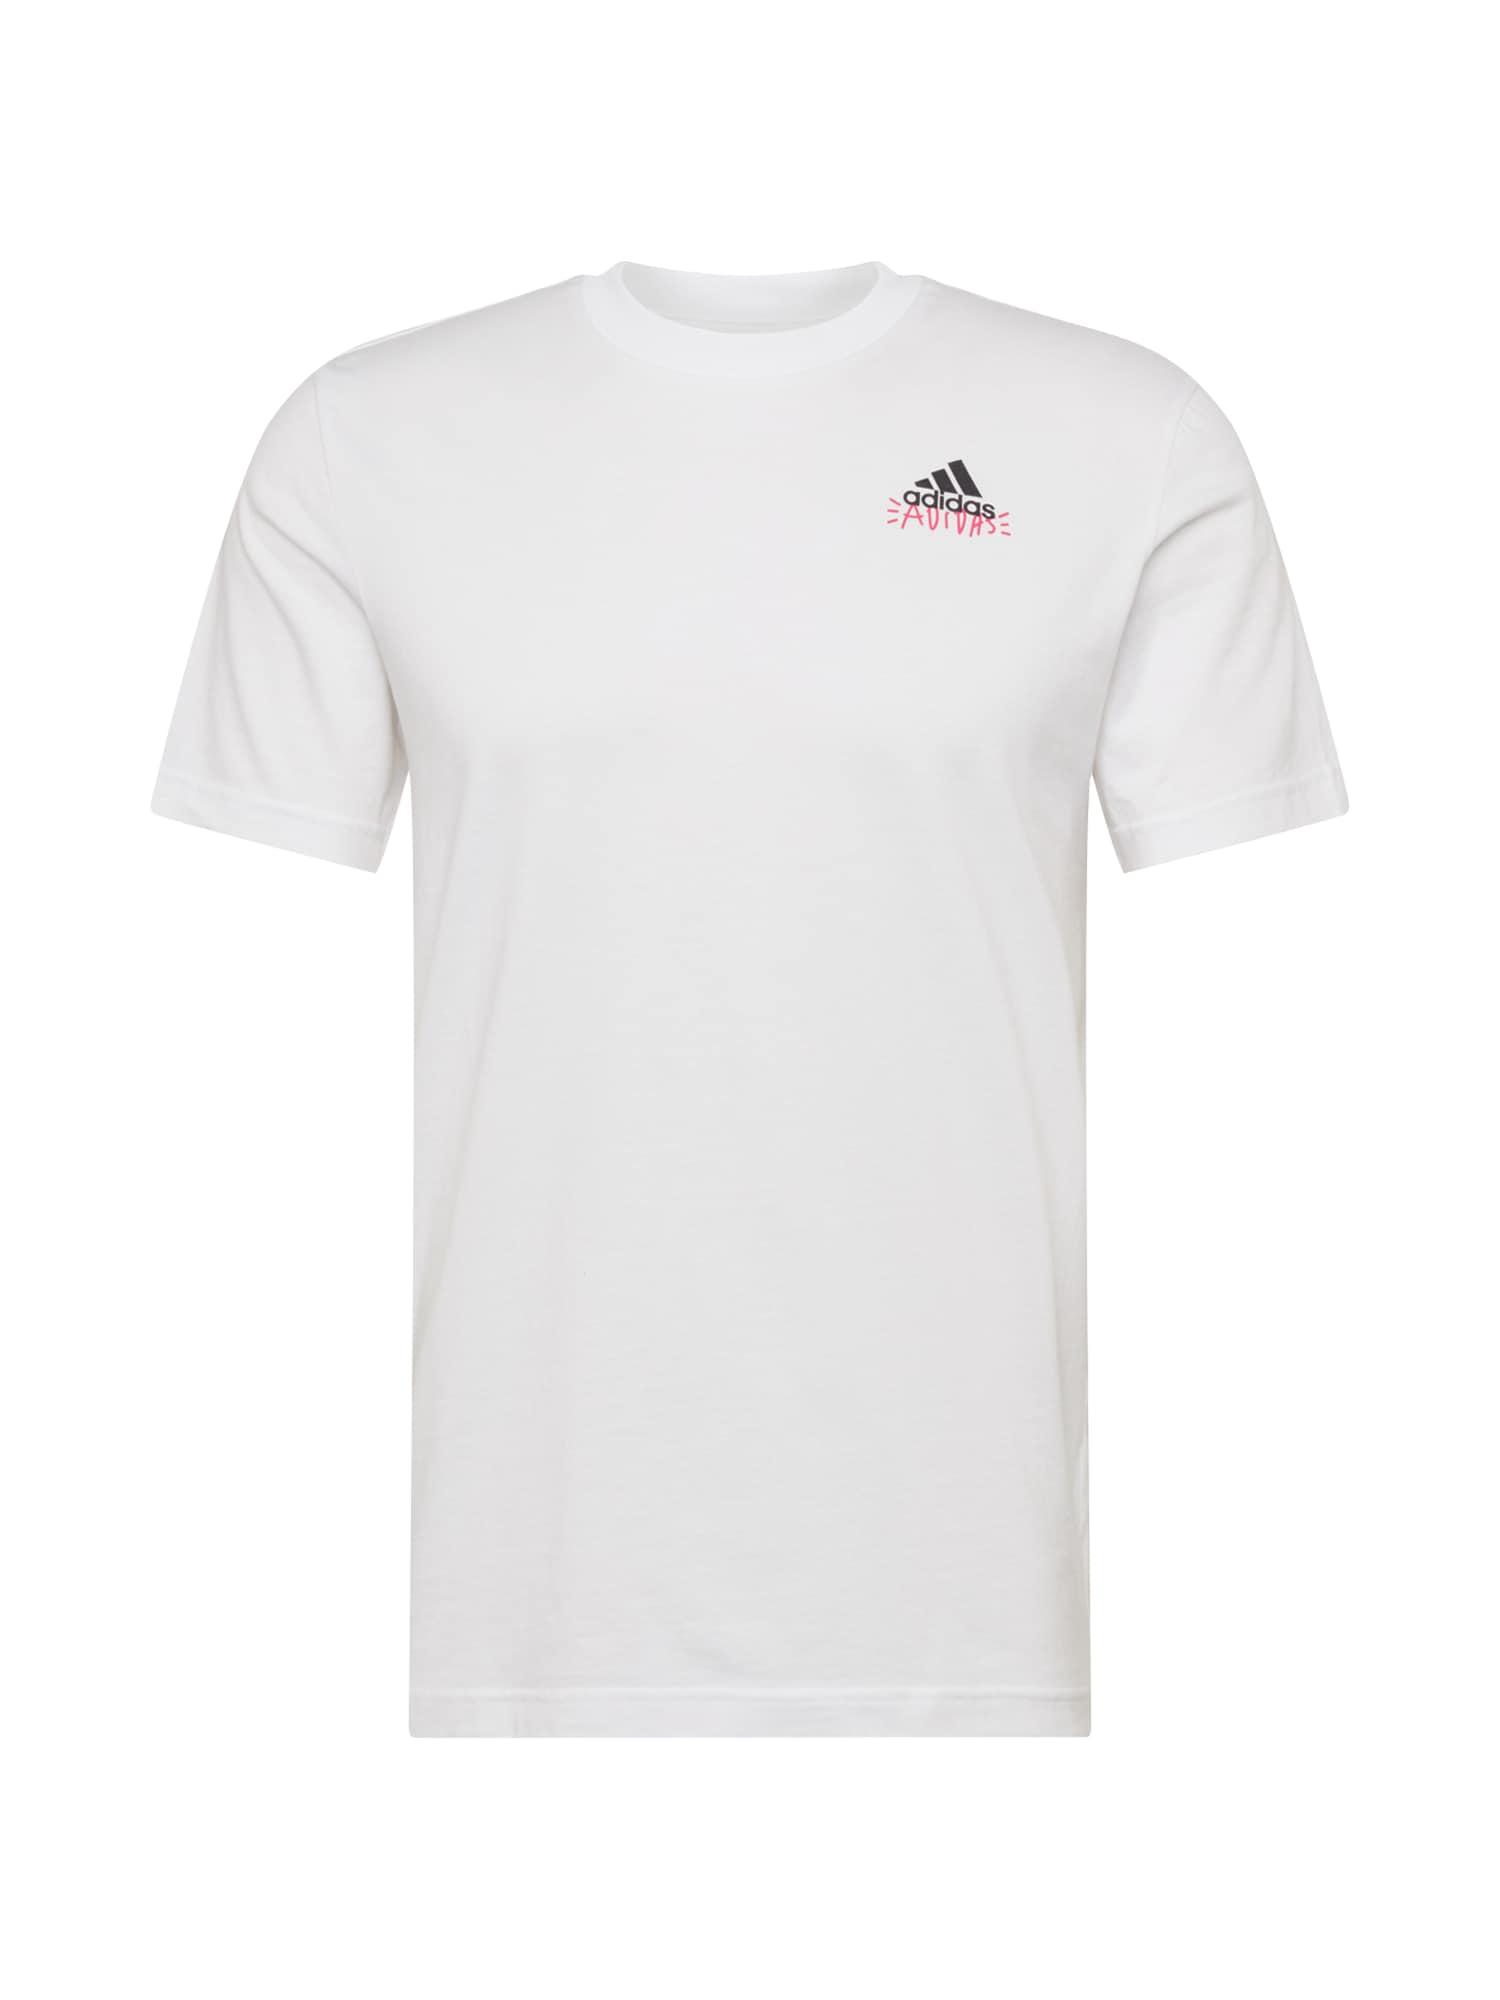 ADIDAS PERFORMANCE Sportiniai marškinėliai 'Doodle Emblem' balta